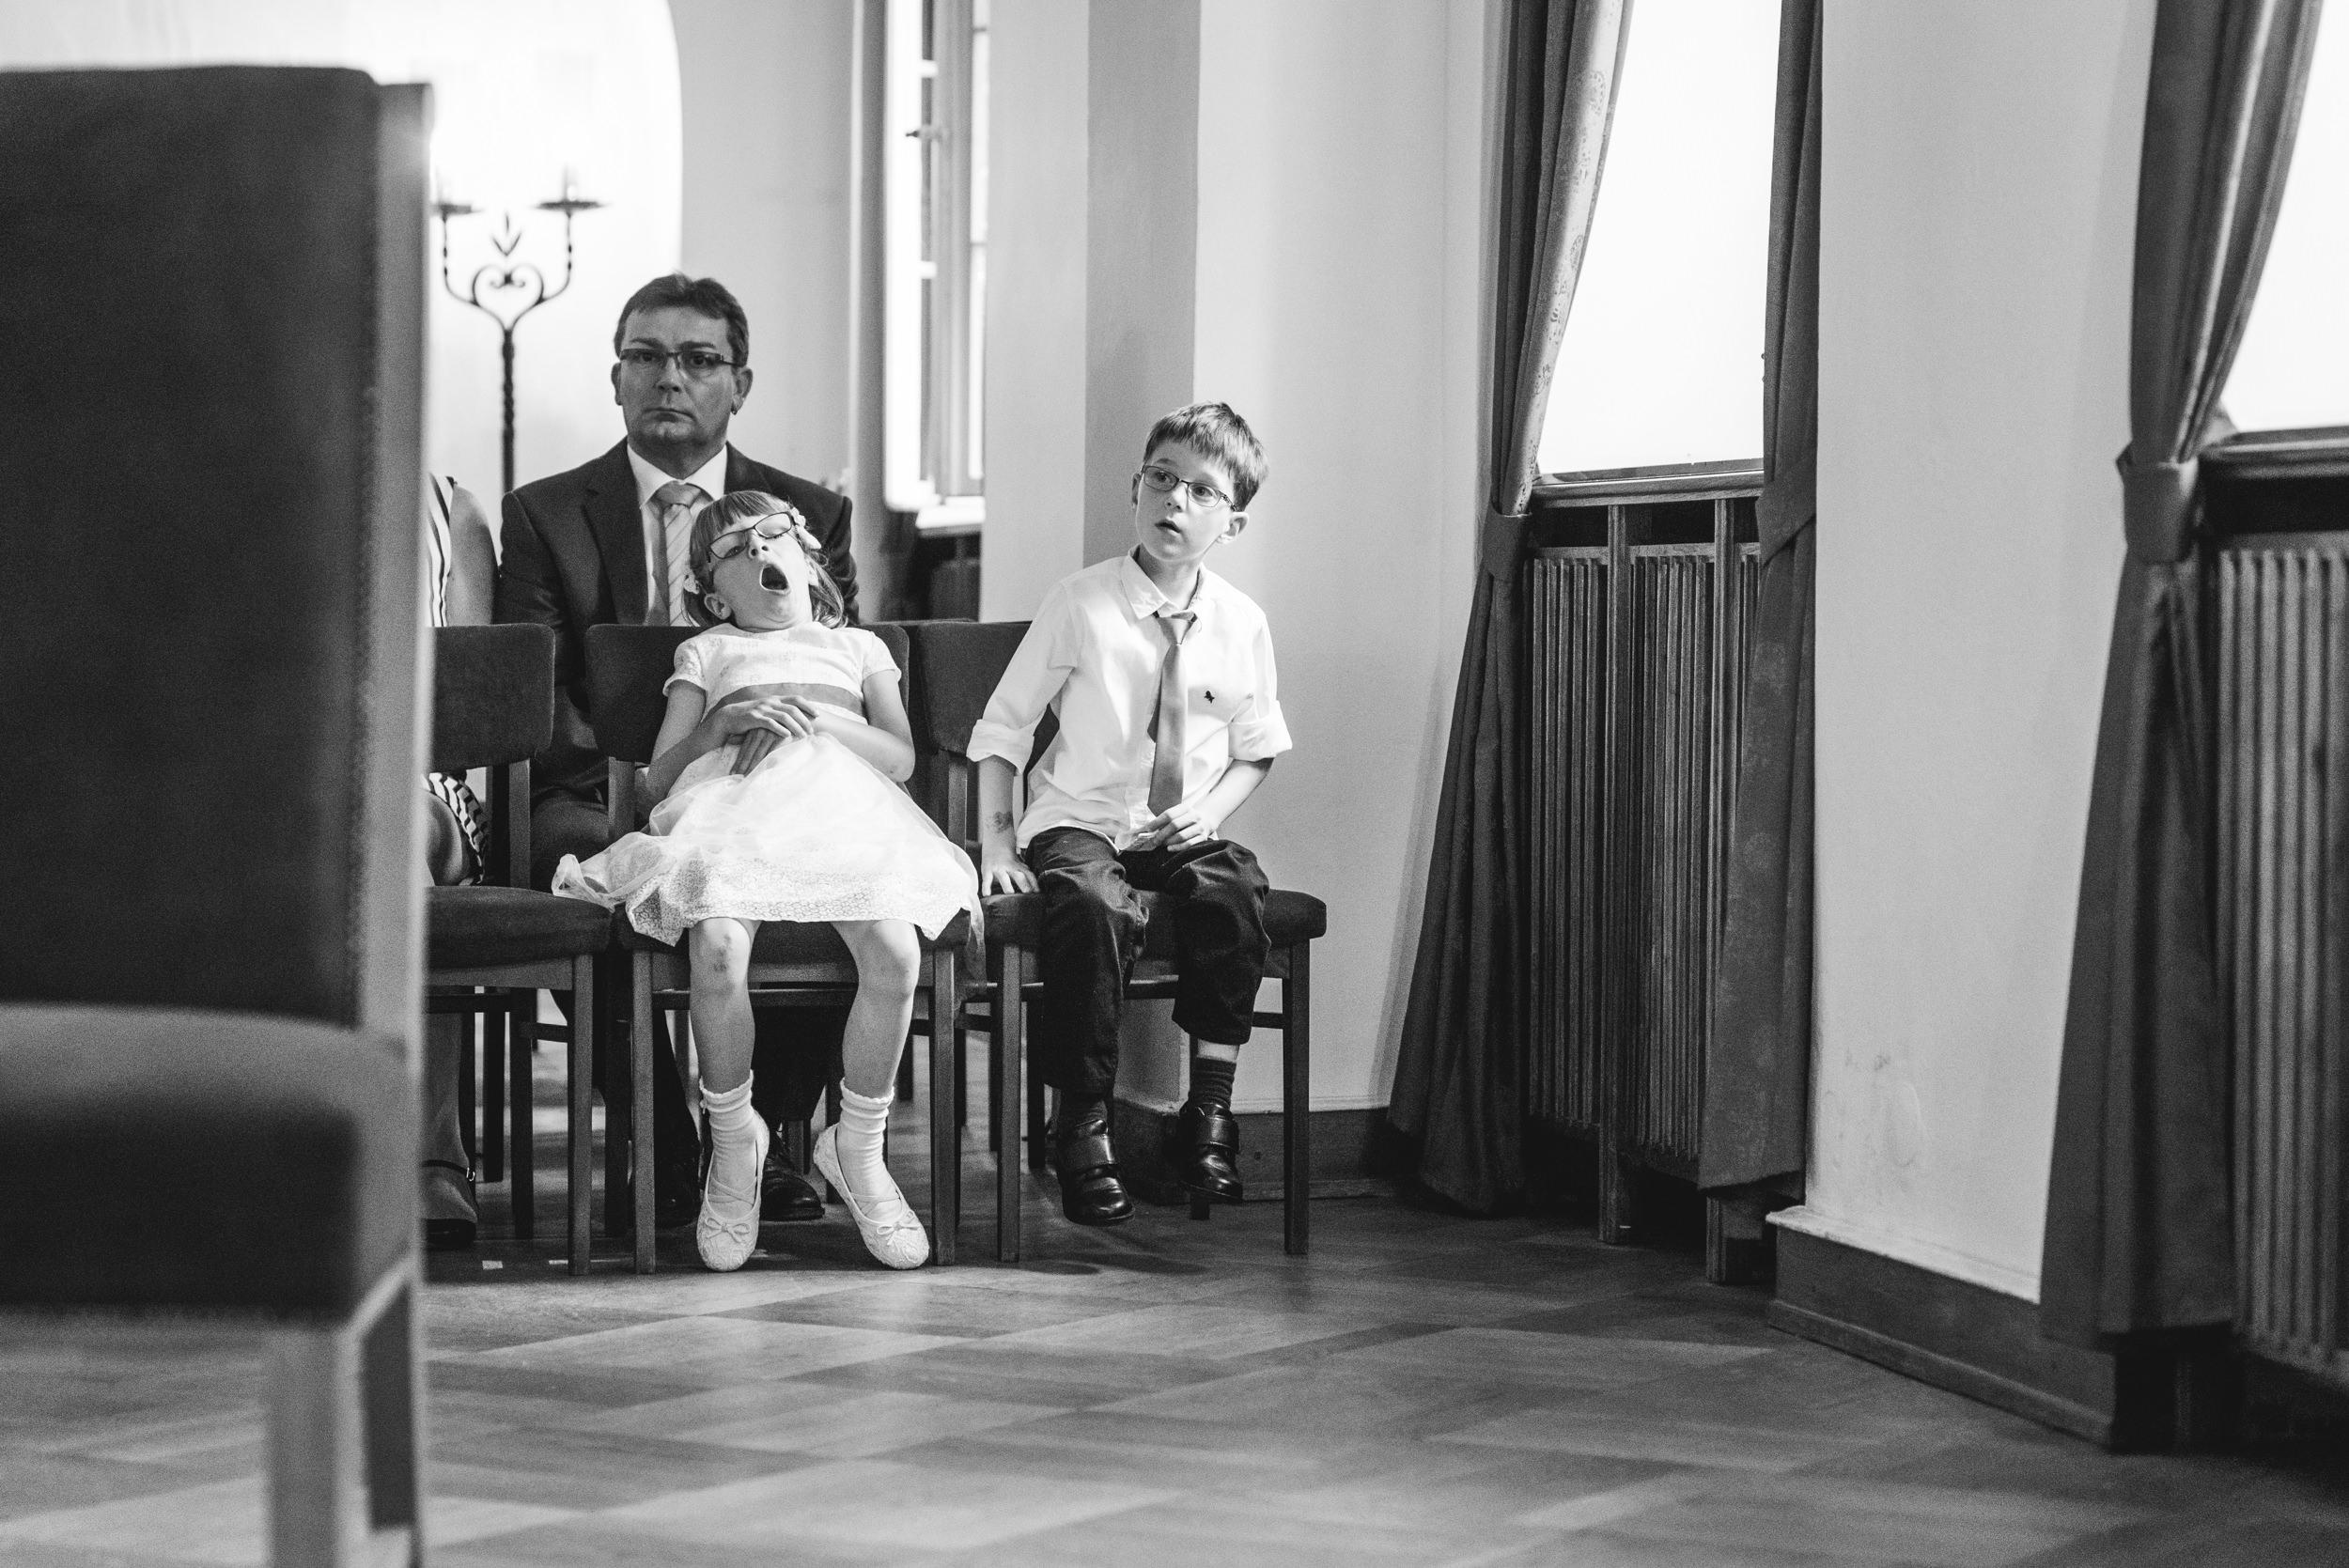 Paul_Glaser_Hochzeitsfotograf-36